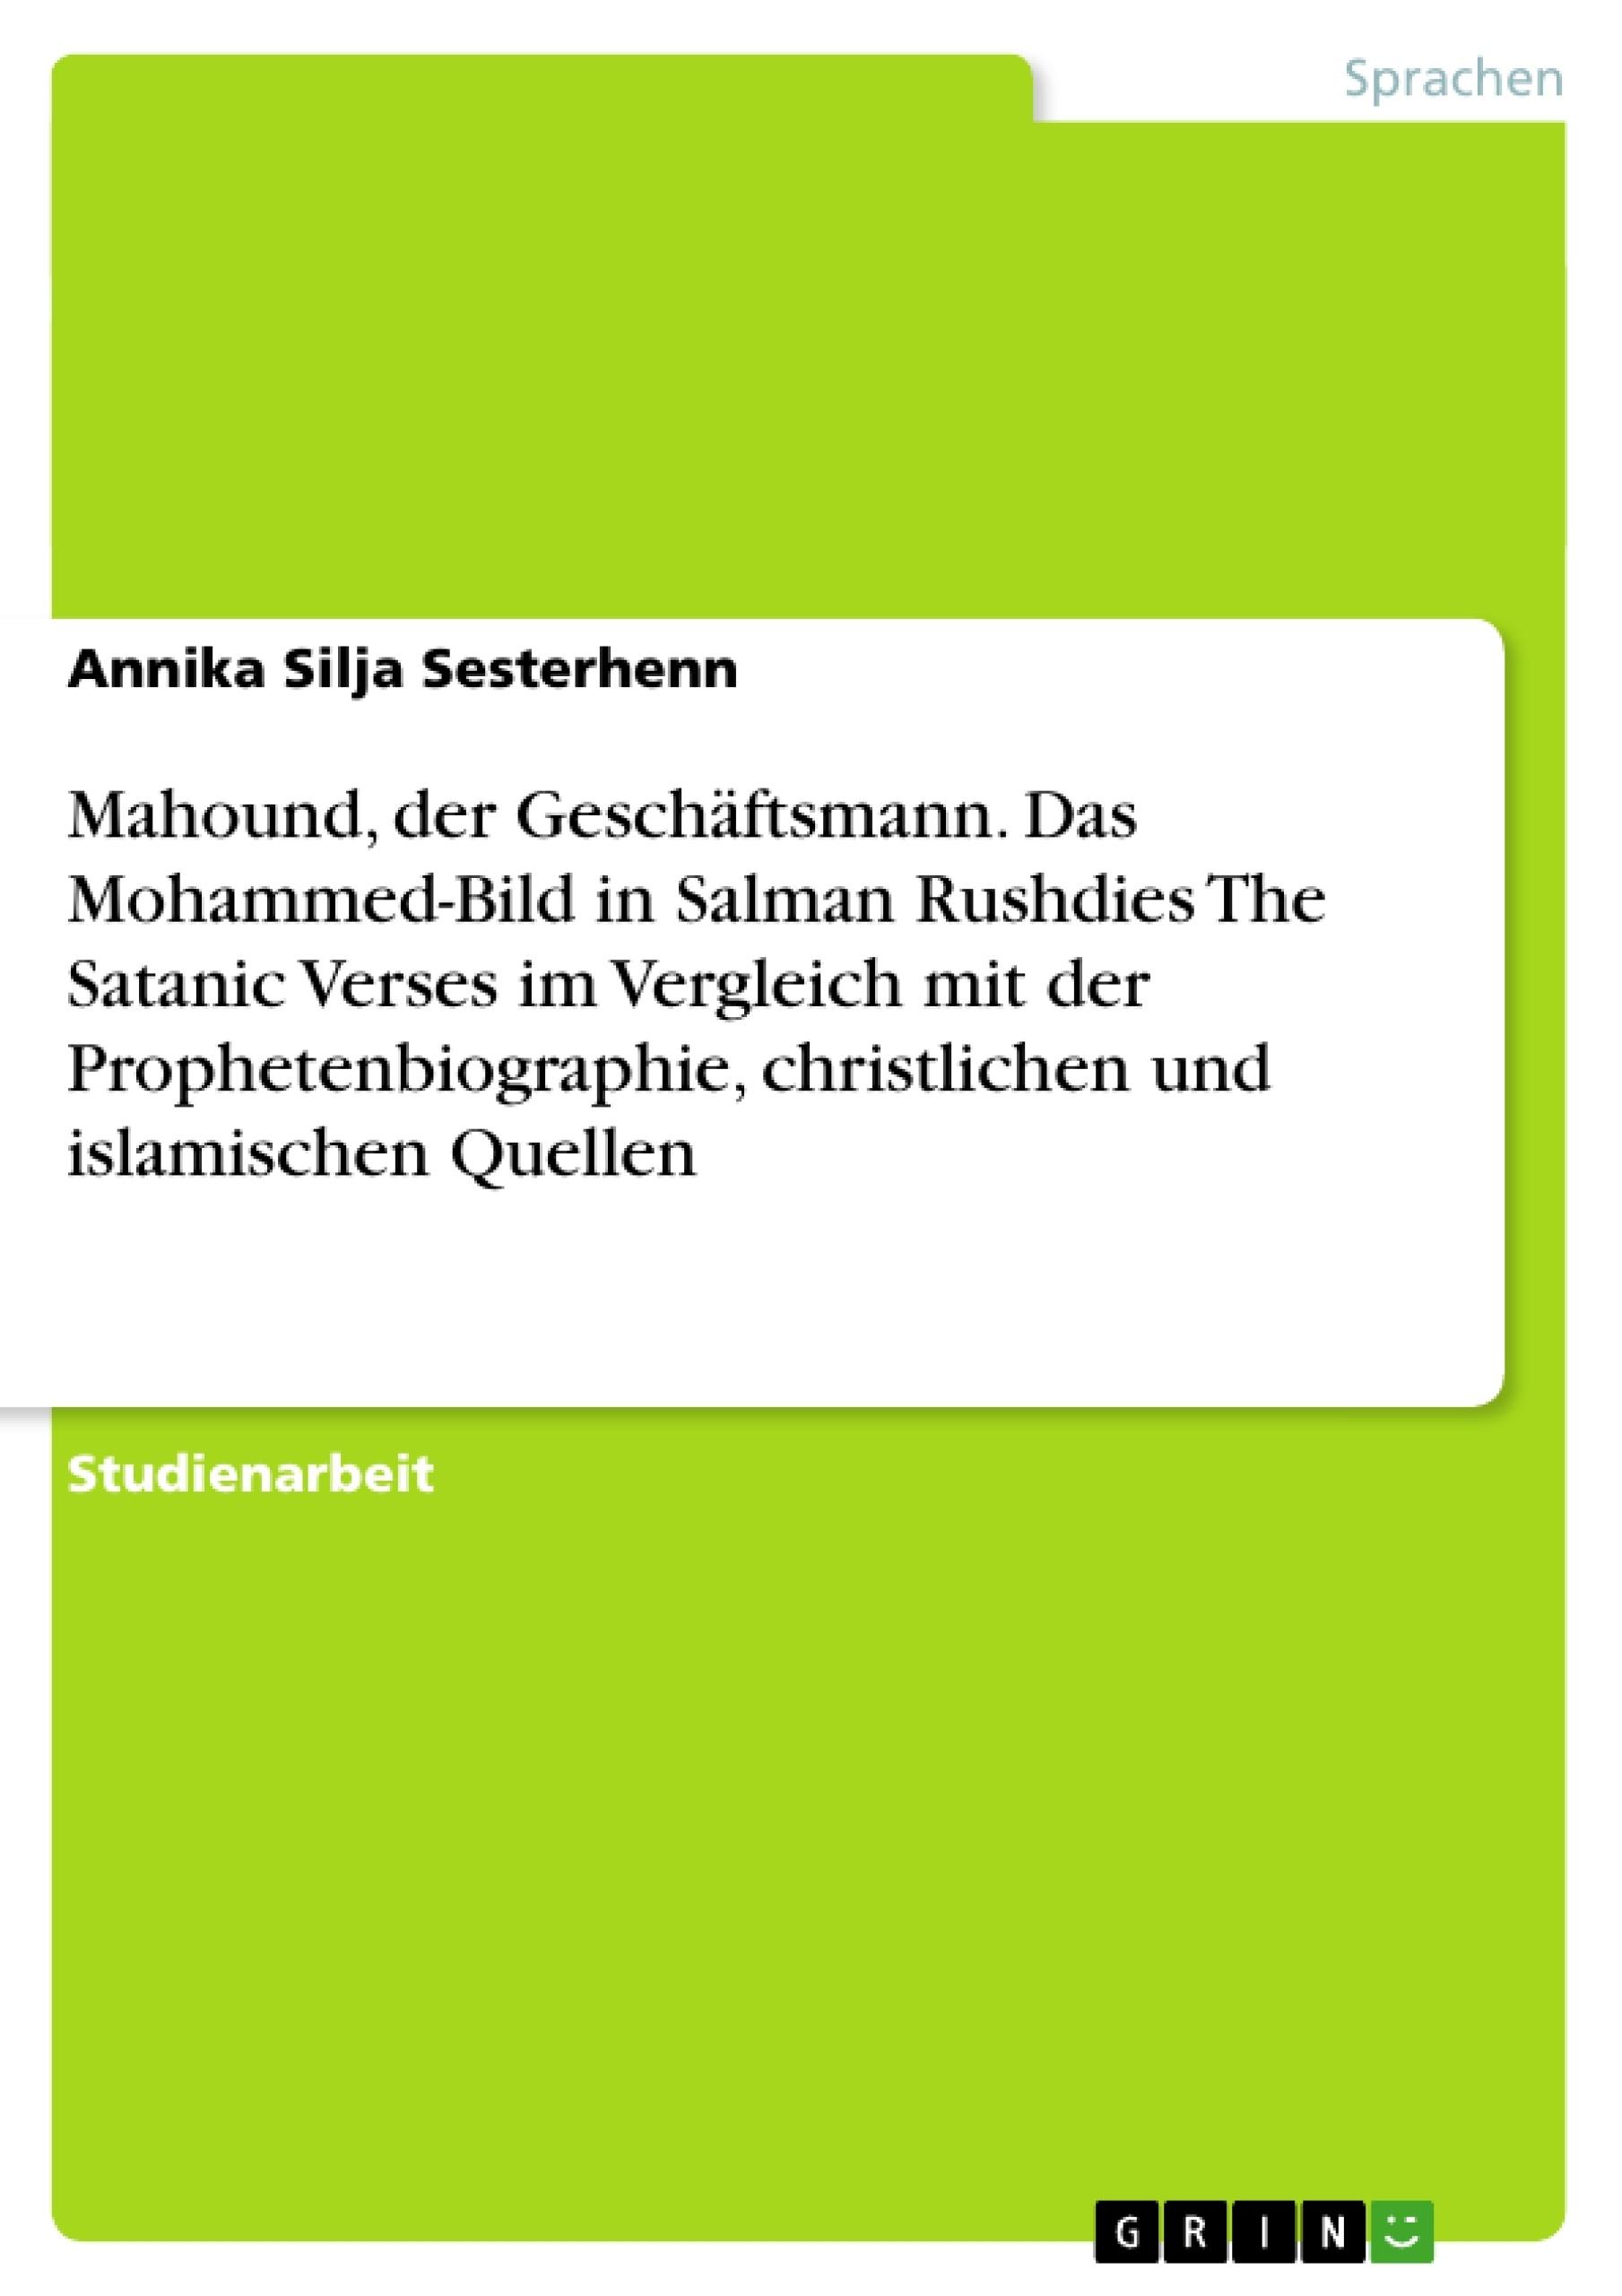 Titel: Mahound, der Geschäftsmann. Das Mohammed-Bild in Salman Rushdies The Satanic Verses im Vergleich mit der Prophetenbiographie, christlichen und islamischen Quellen